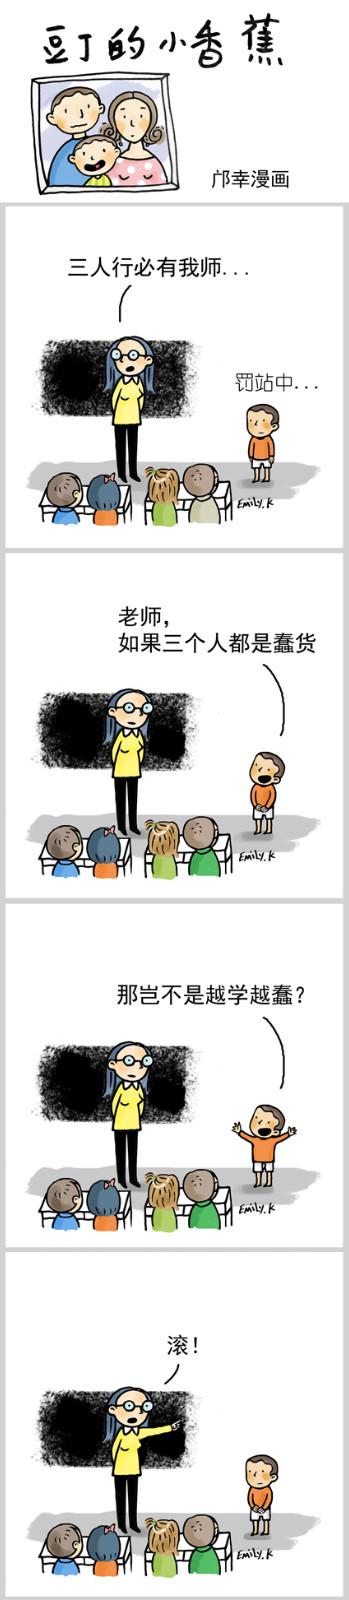 【邝幸漫畫】《豆丁的小香蕉》三人行_图1-1